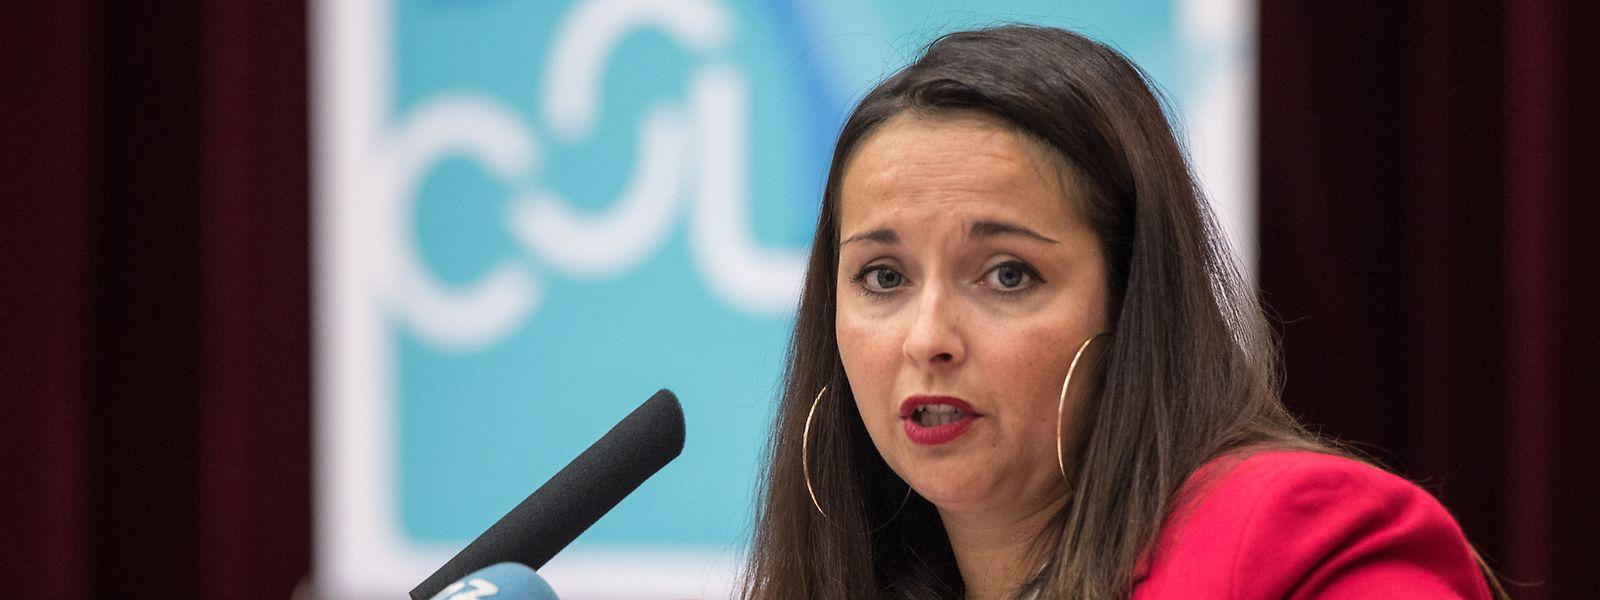 La présidente de la CSL a notamment mis en garde contre certains effets sociaux négatifs de la future taxe carbone.